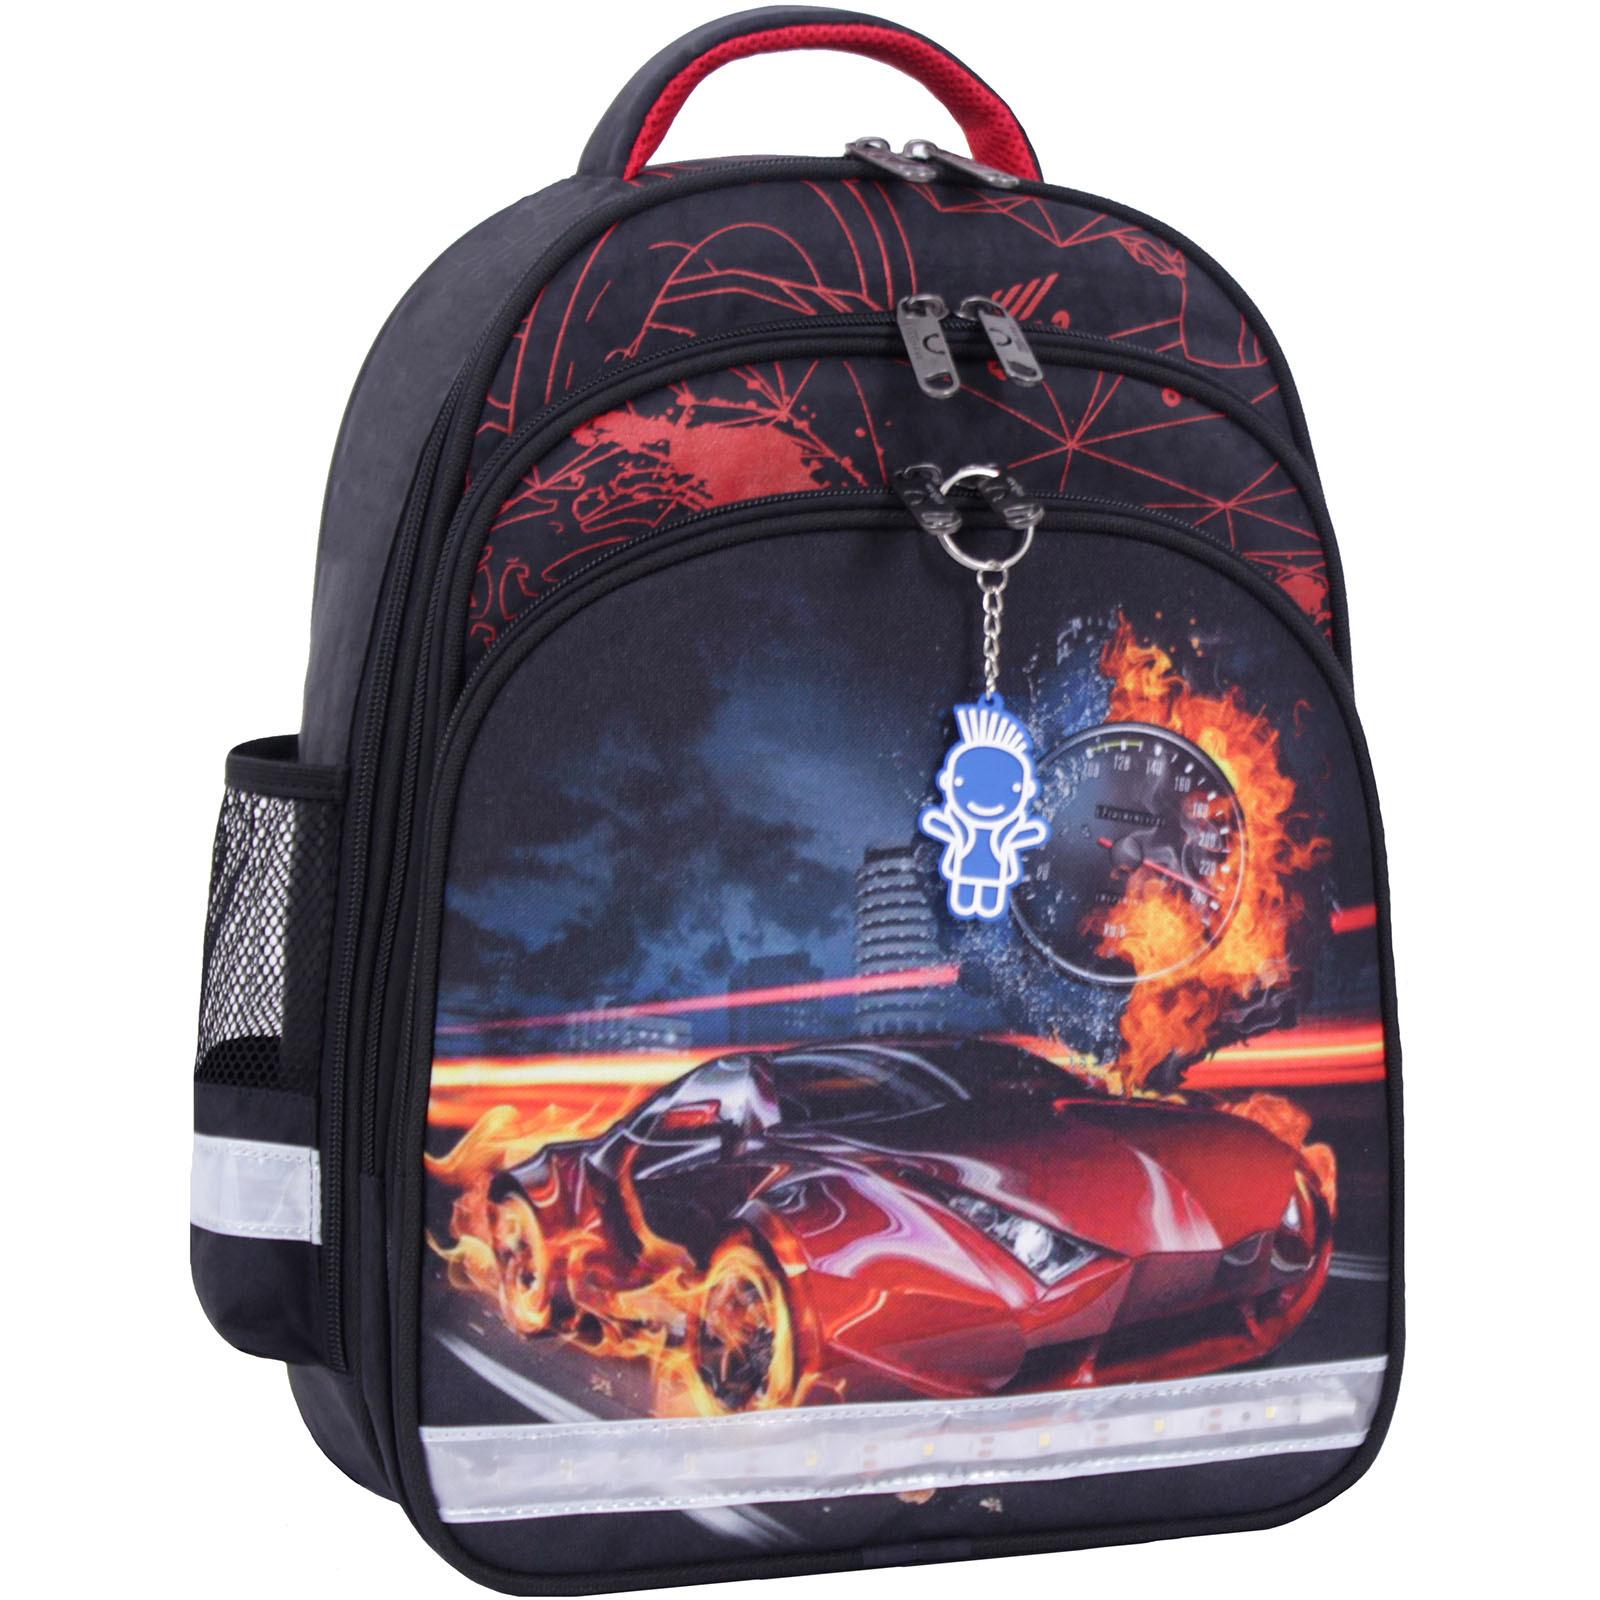 Рюкзак школьный Bagland Mouse черный 57м (0051370) фото 6